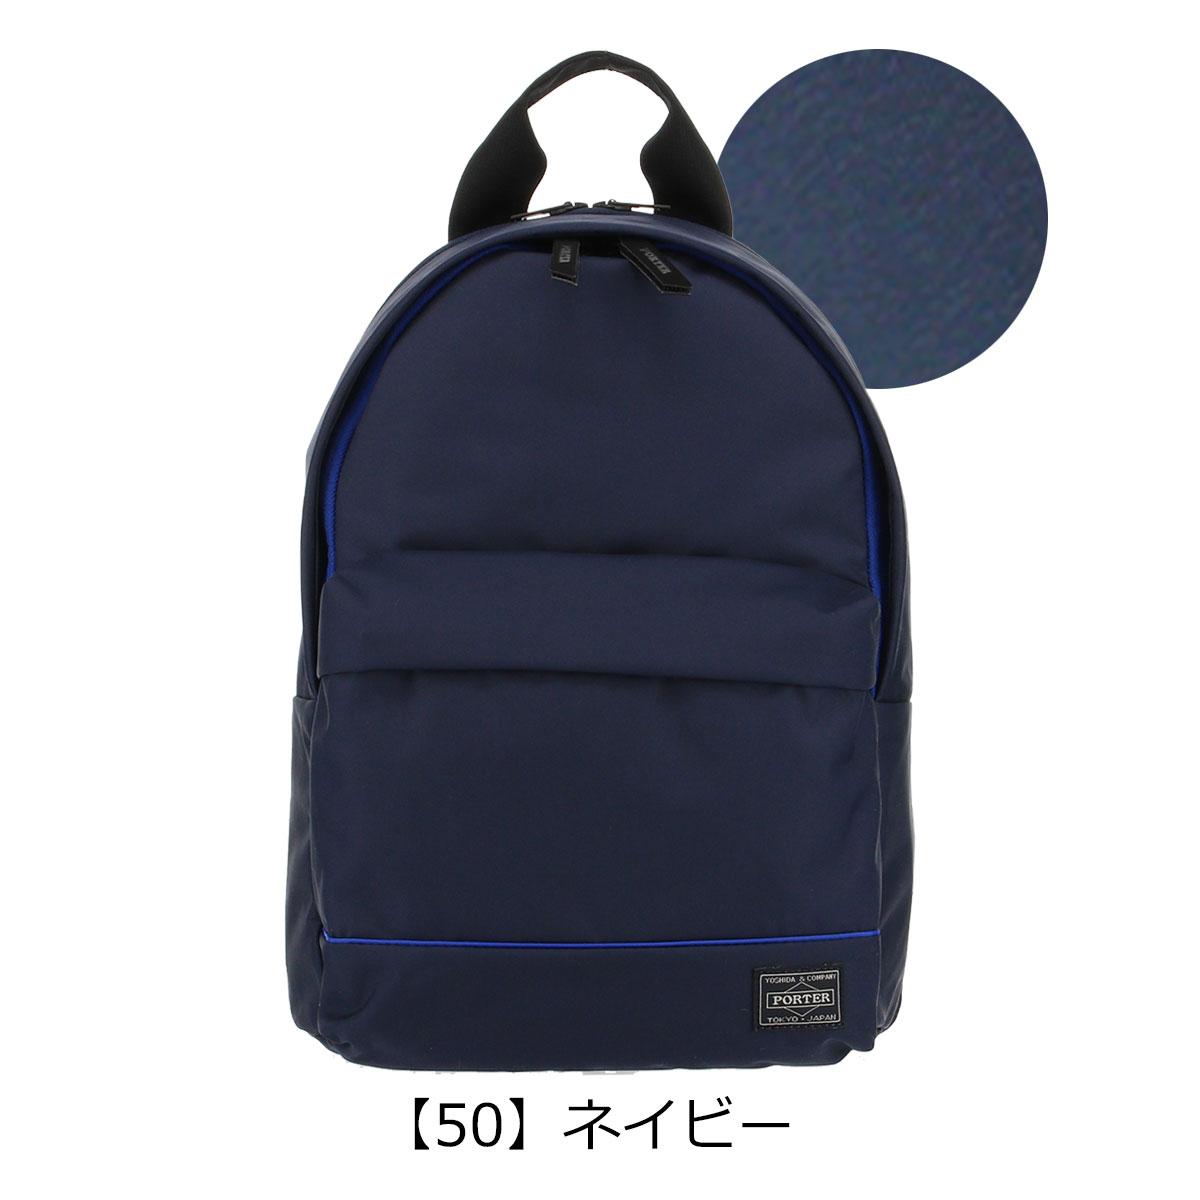 【50】ネイビー